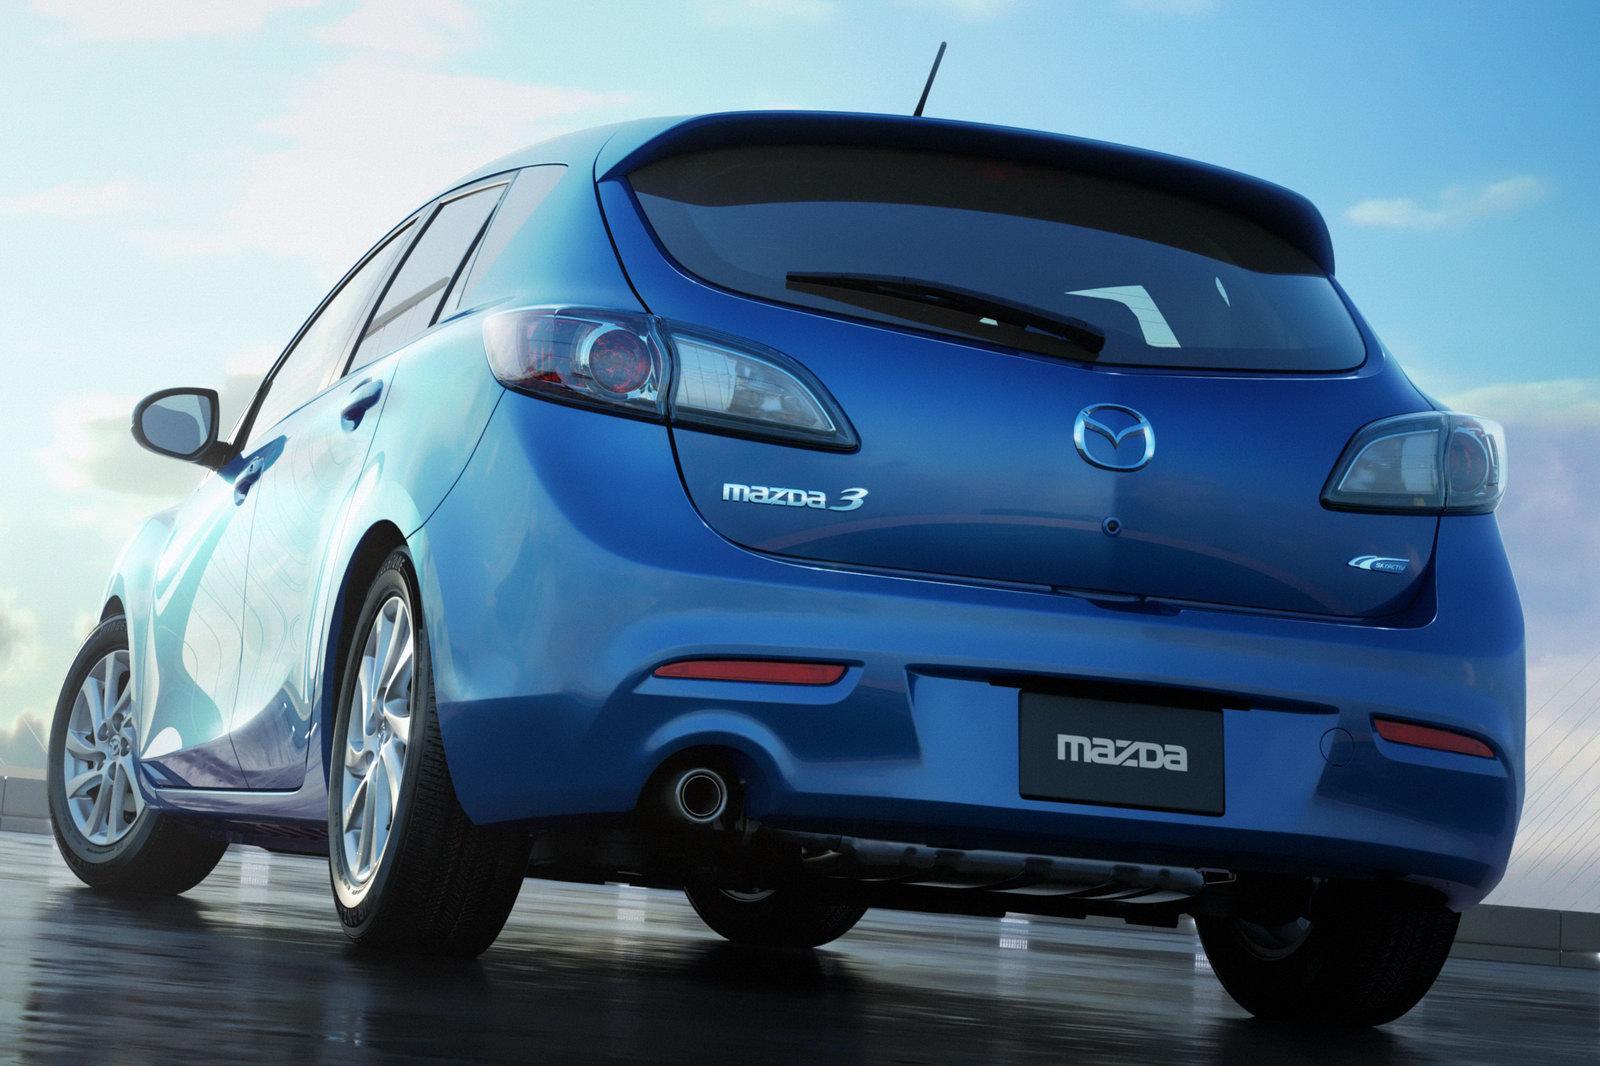 Zoom In Cars: 2012 Mazda 3